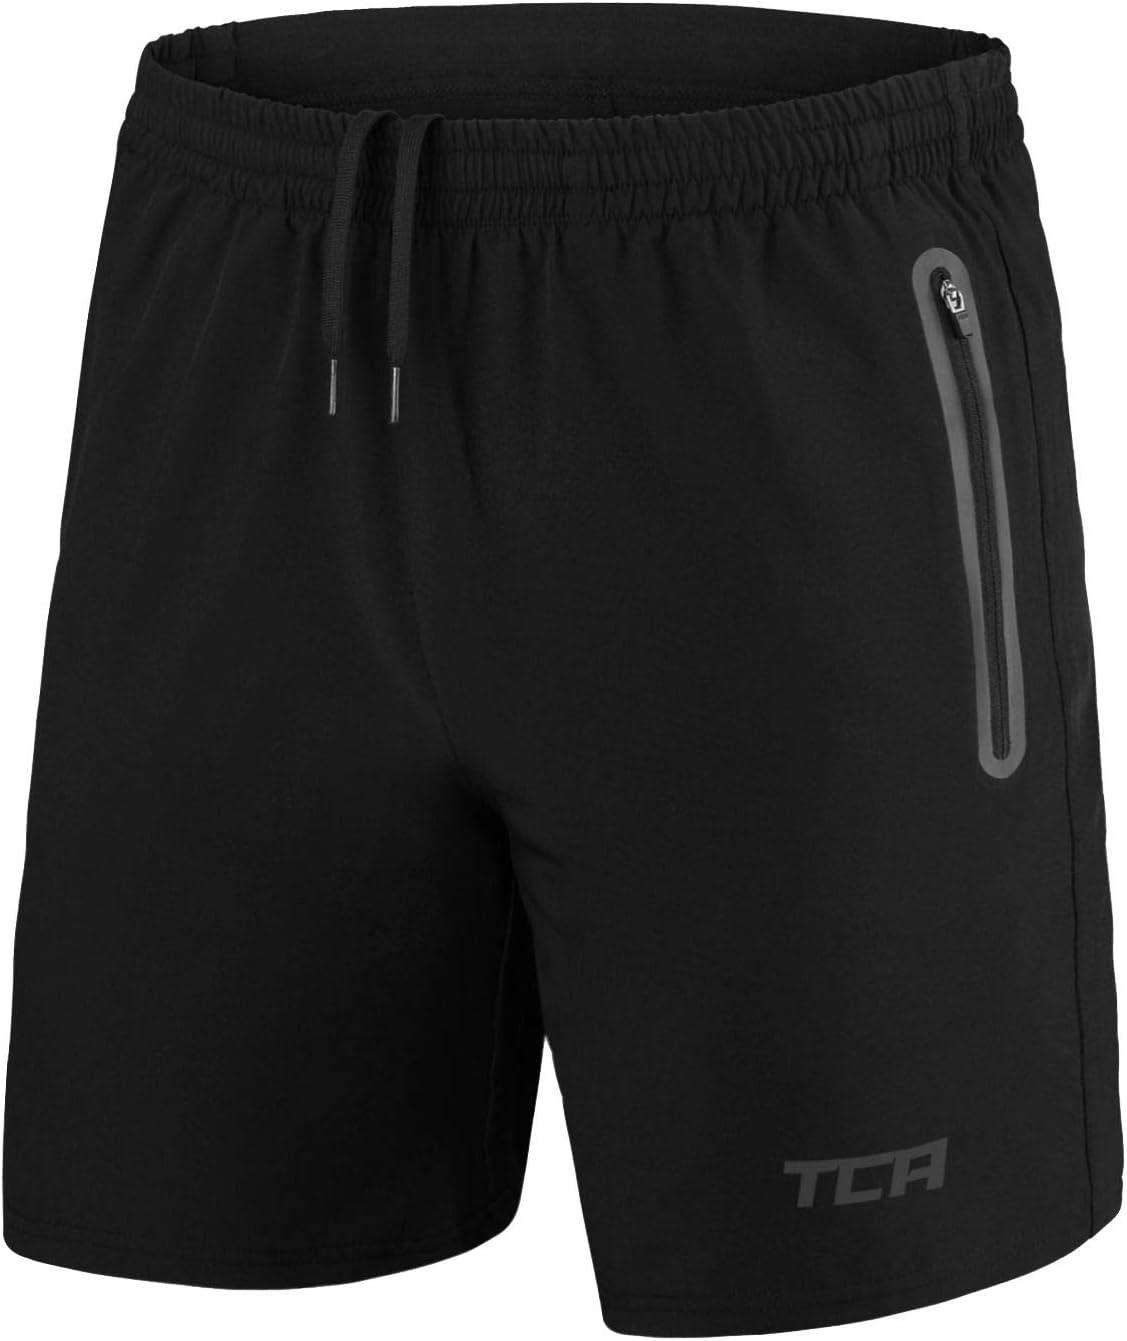 TCA Elite Tech Herren Trainingsshorts f/ür Laufsport mit Rei/ßverschlusstaschen